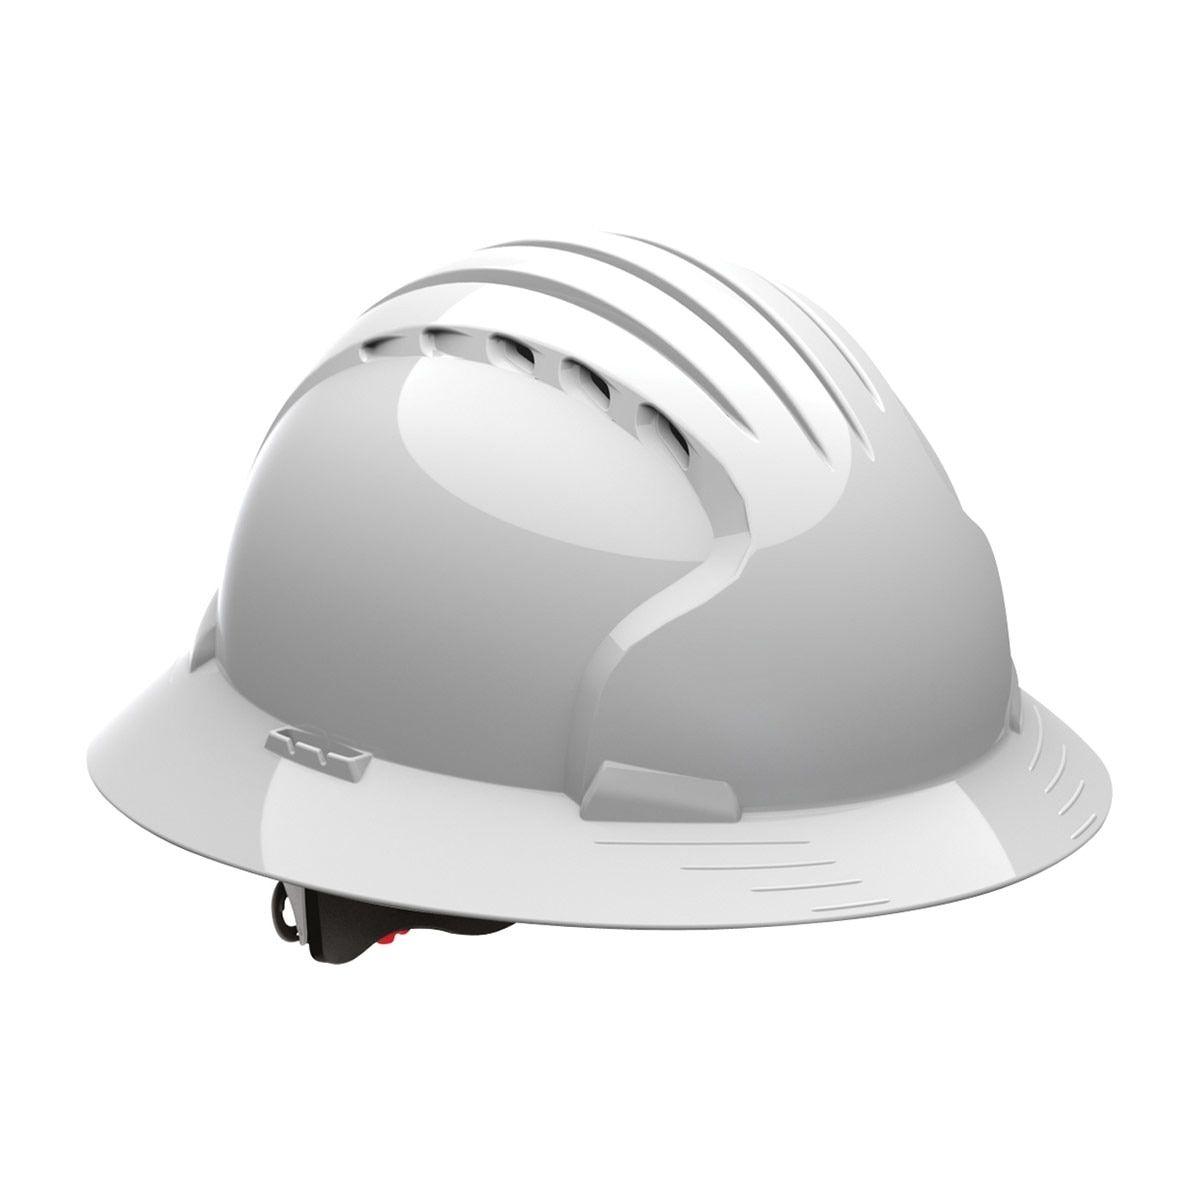 Jsp Evolution Deluxe Full Brim Vented Hard Hat Wheel Ratchet 6161v Gray In 2021 Best Hard Hat Hard Hats Hard Hat